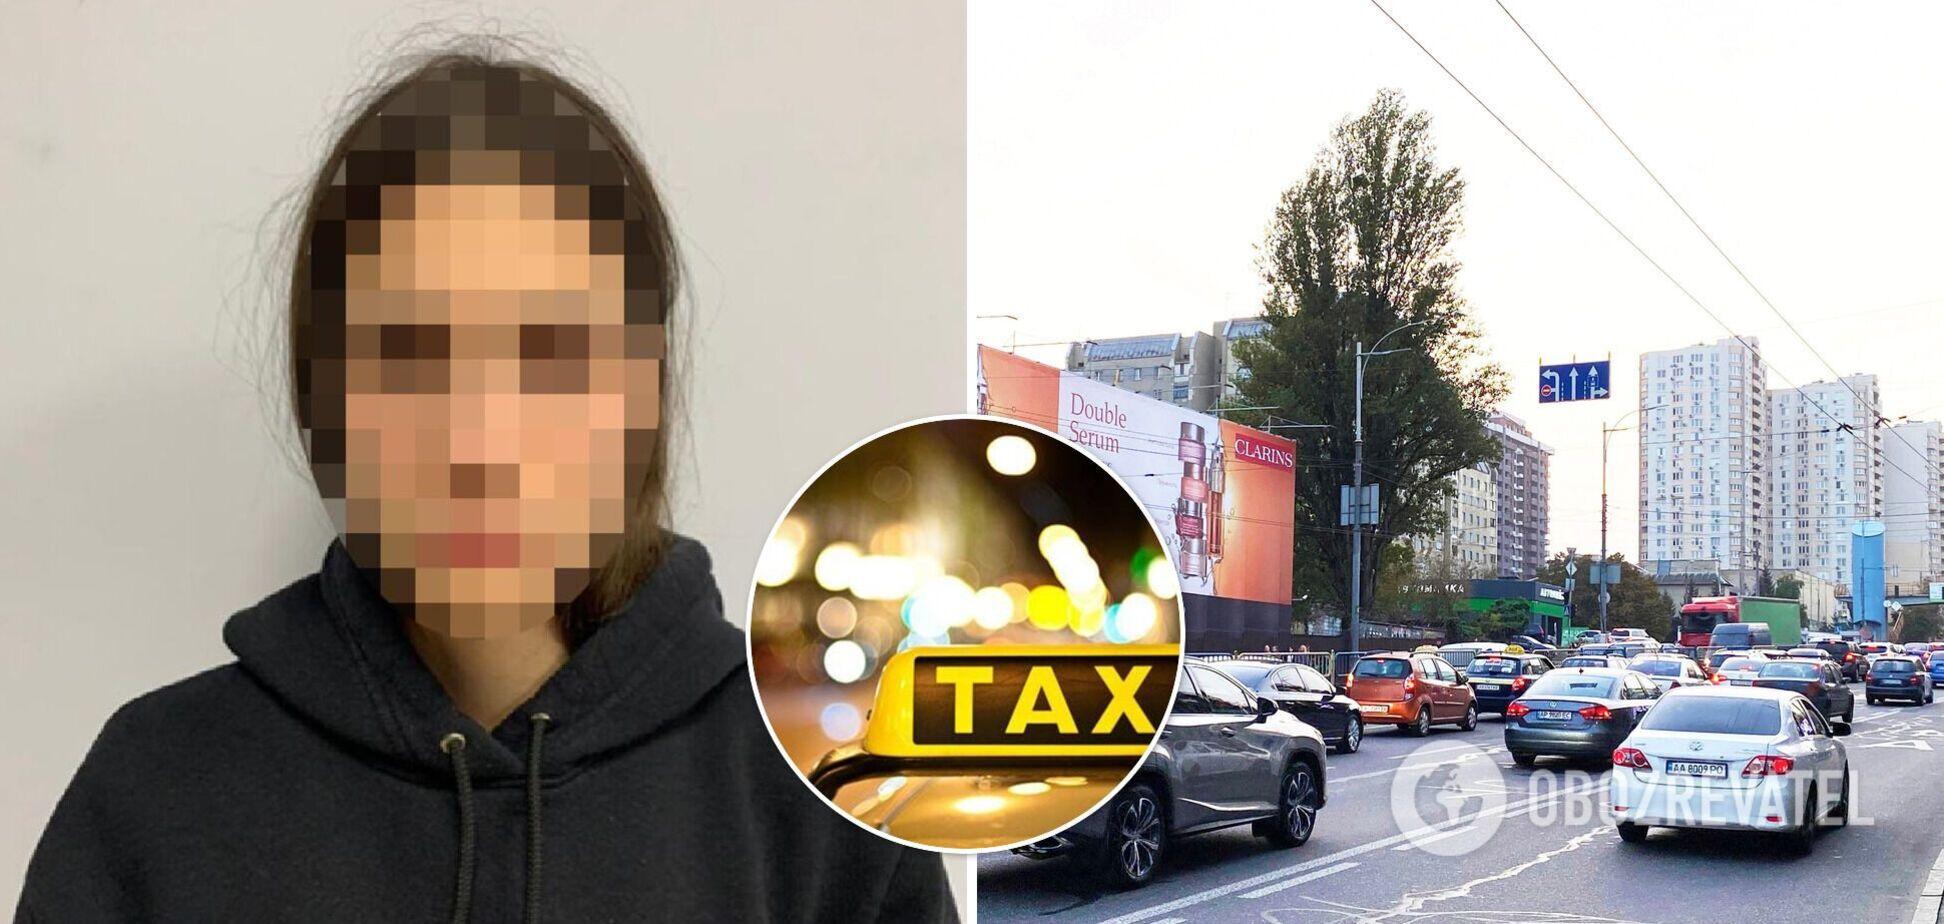 У Києві молоді хлопці викрали водія таксі нібито через образу й вимагали з нього $25 тис. Фото, відео